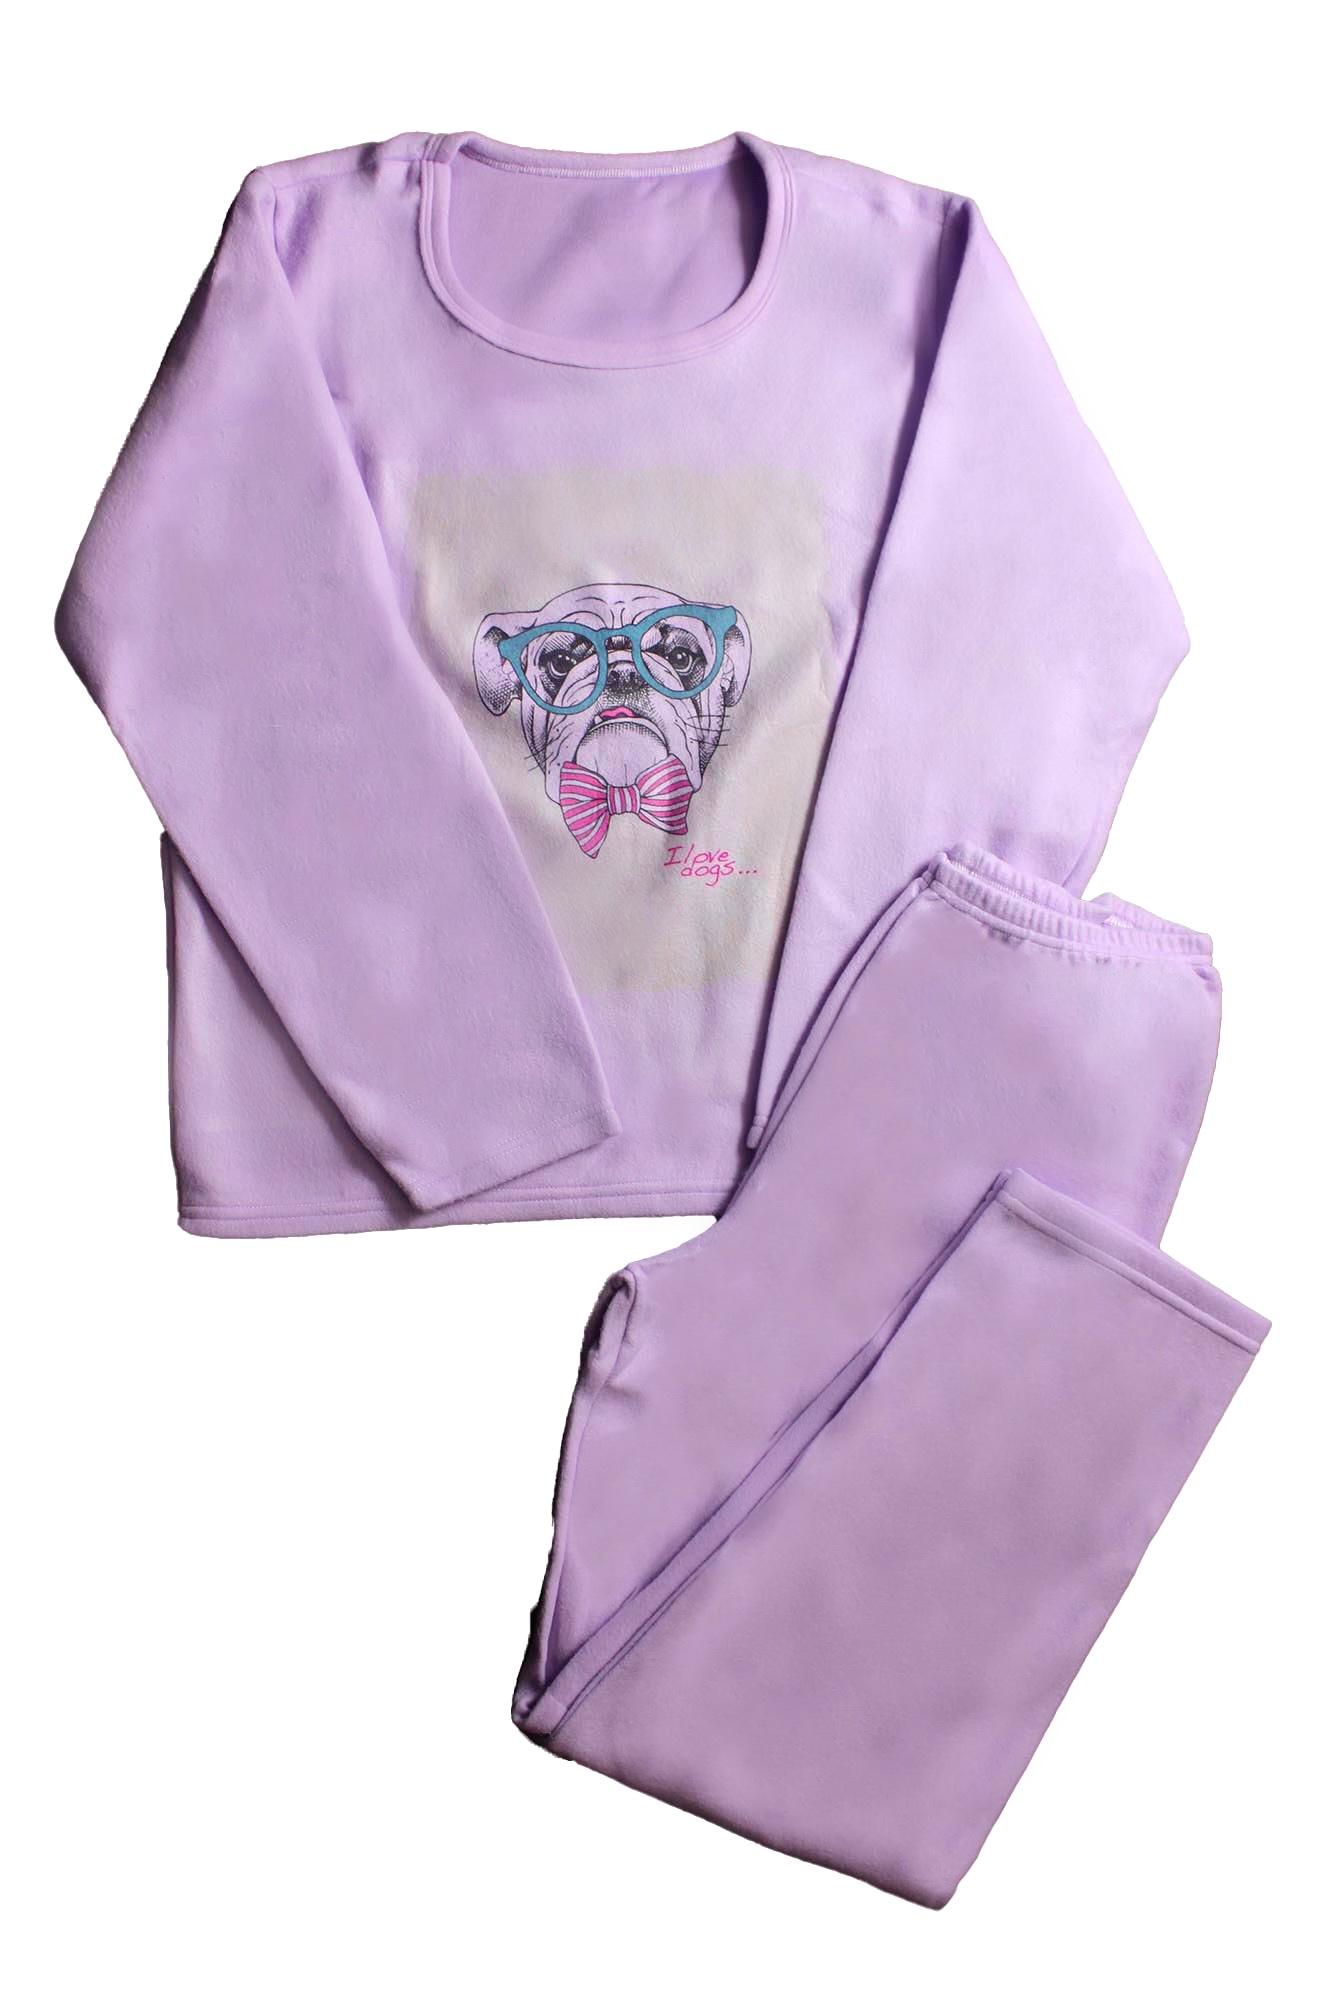 Pijama de Soft Feminino - Tamanho G3